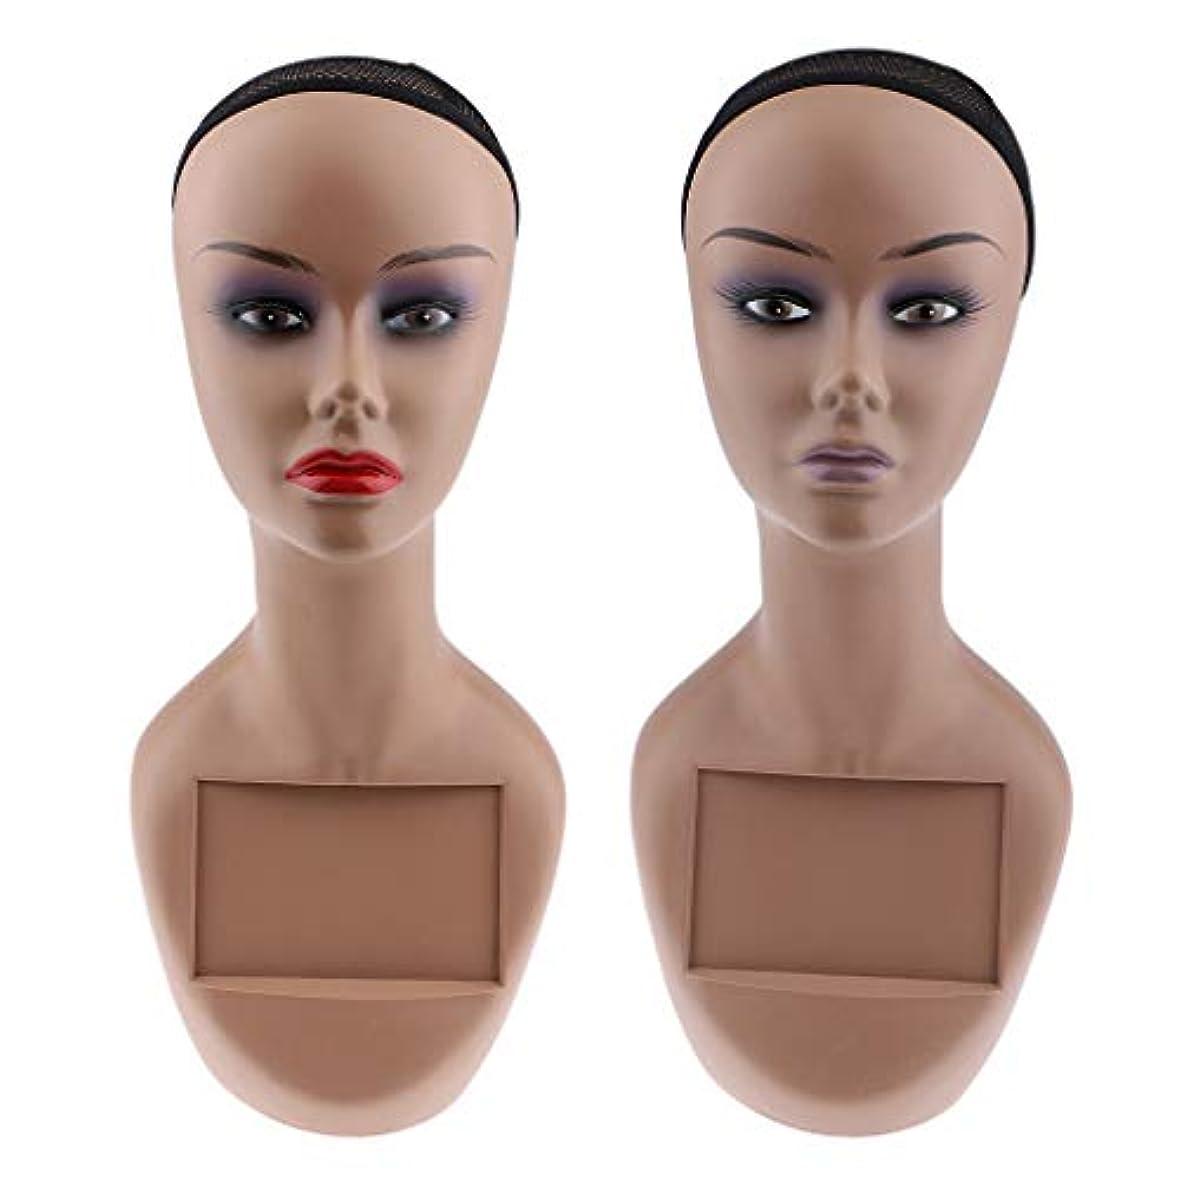 ホールドオールアンソロジー経由でPerfeclan マネキンヘッド ヘッドモデル 女性 かつら 帽子 スカーフ ジュエリー ディスプレイ 2個セット